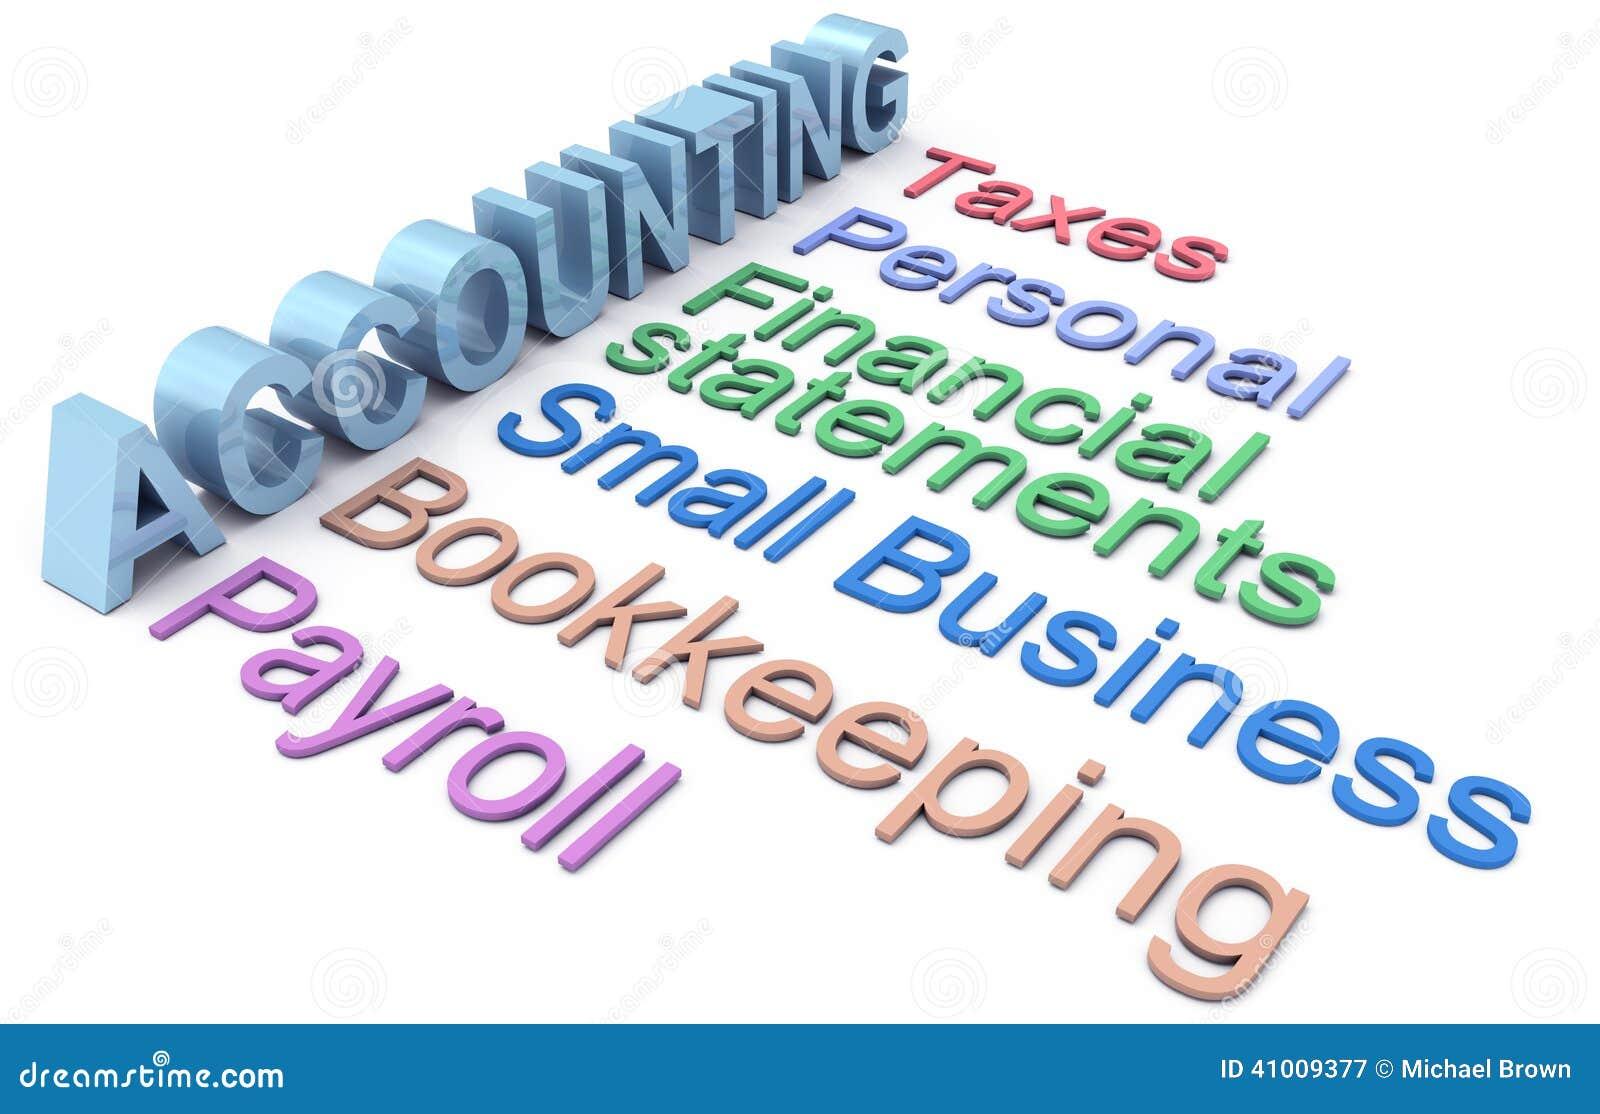 会计税工资单服务词